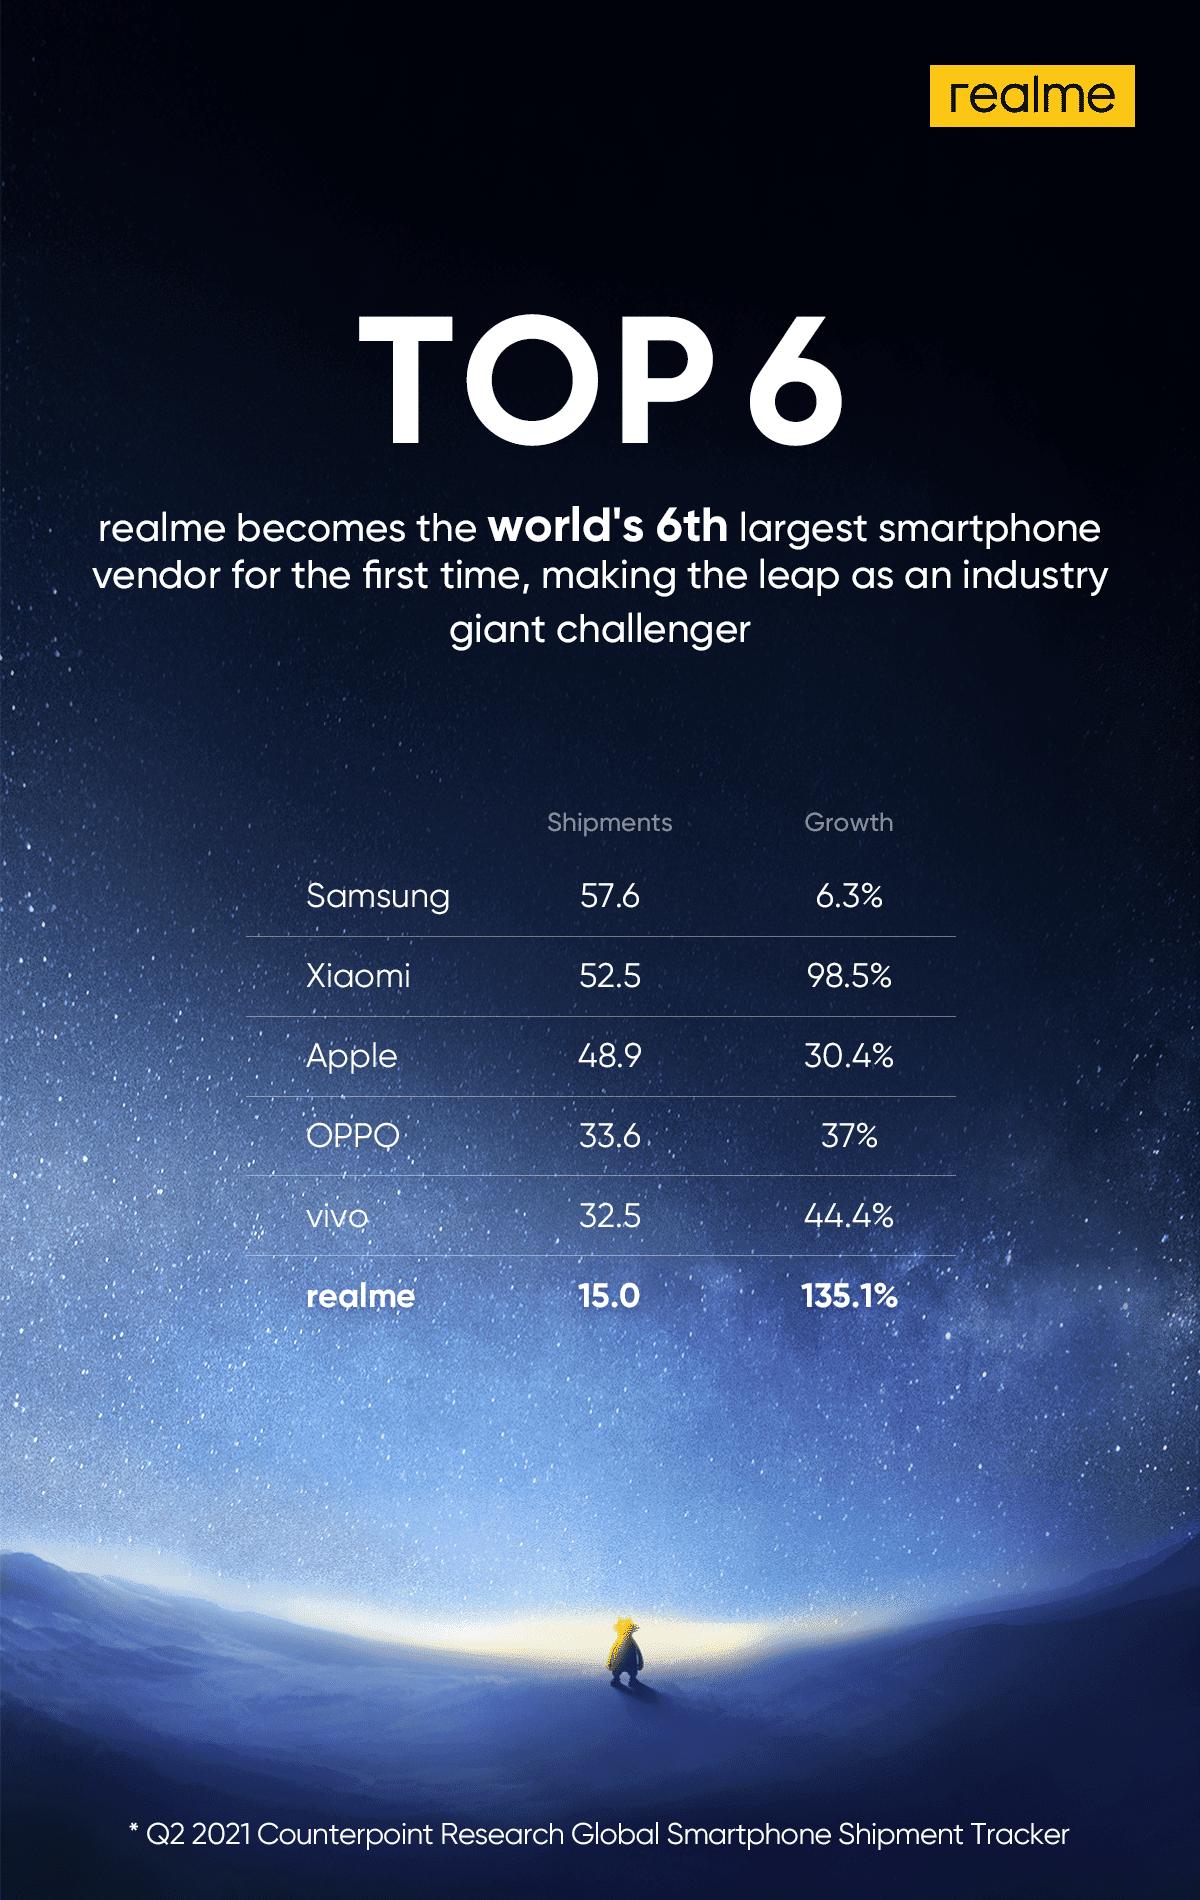 realme se classe à la sixième place du classement des meilleurs fournisseurs de smartphones à l'échelle mondiale.